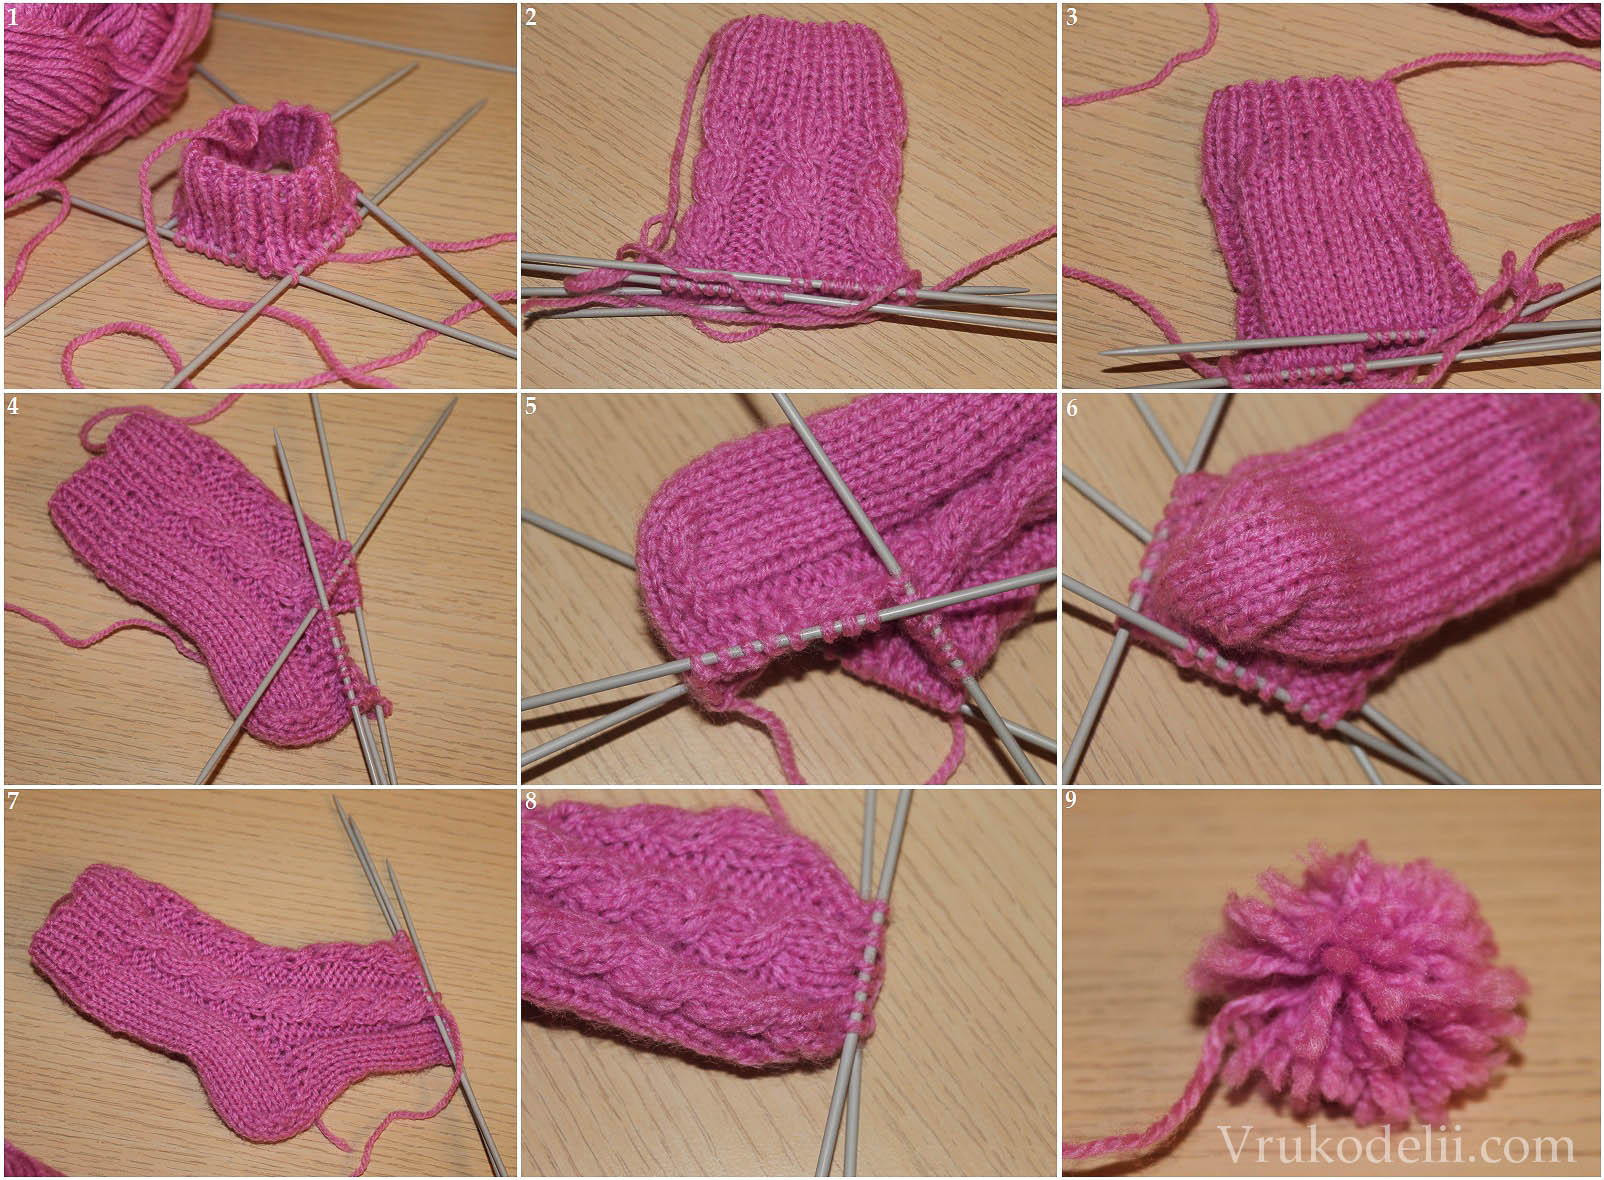 Вяжем спицами детские носочки